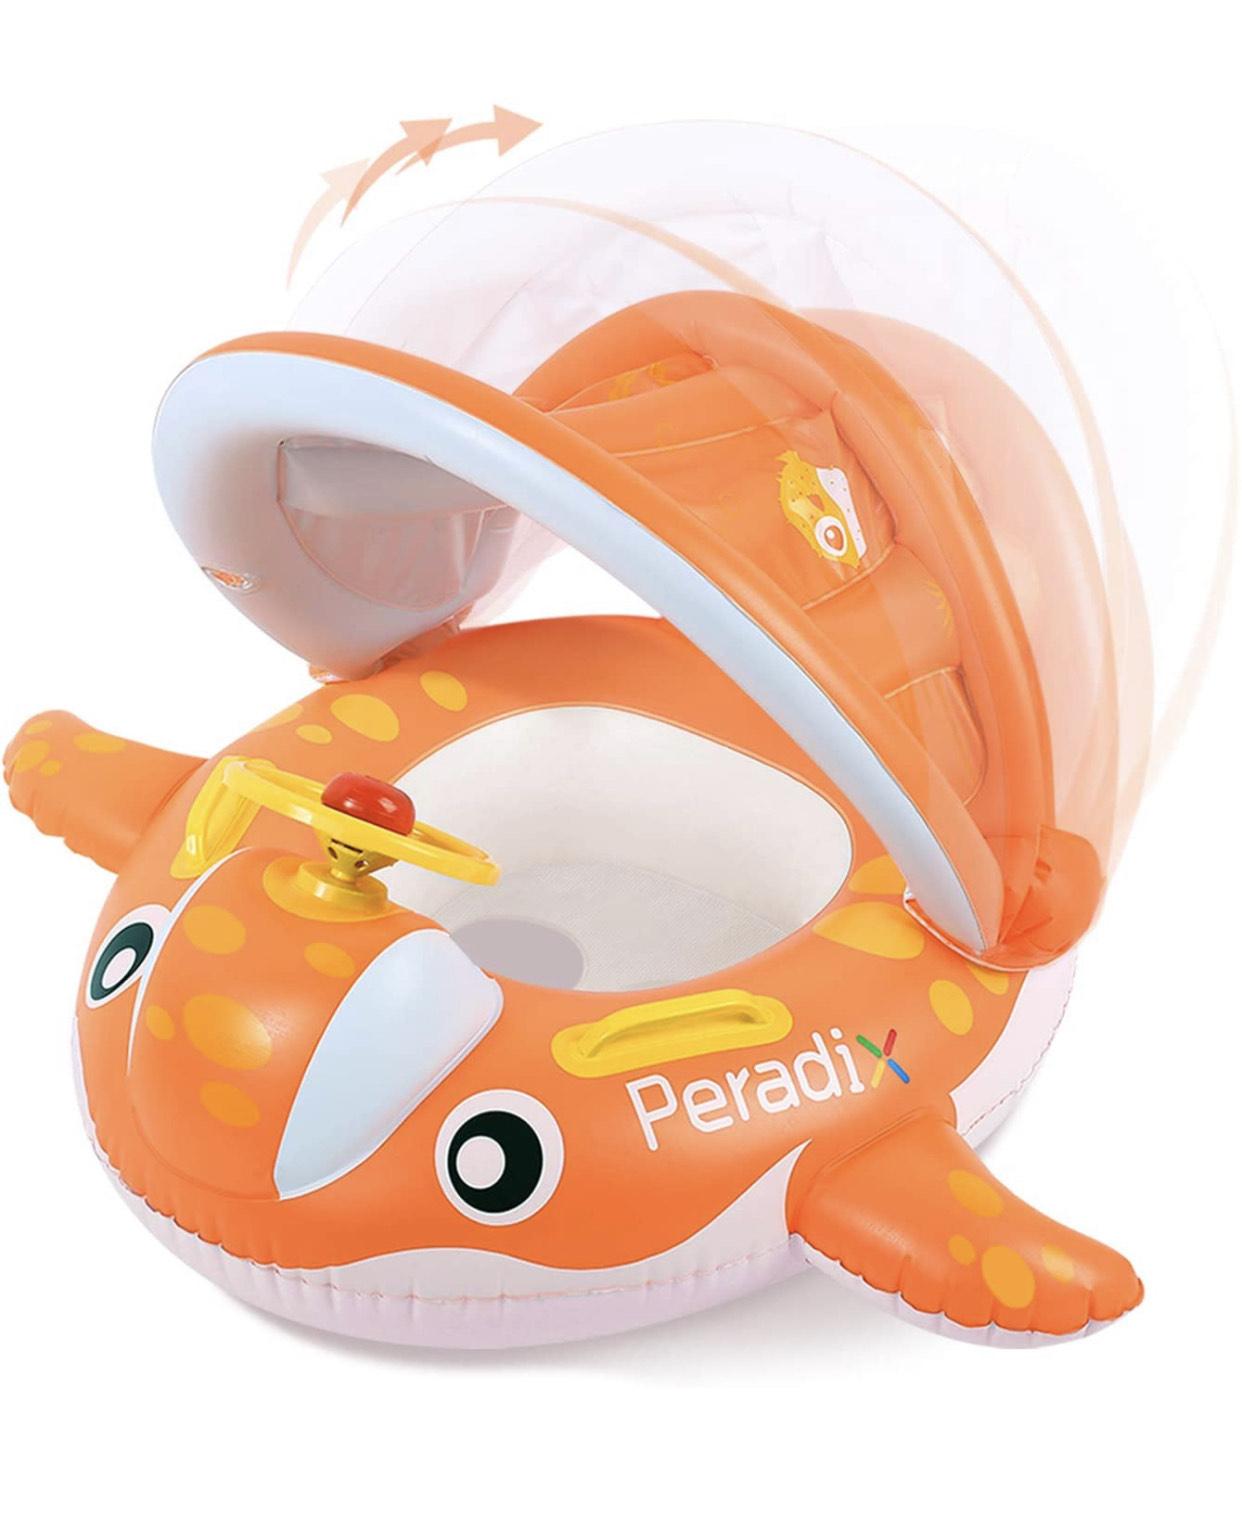 Flotador bebés de 1 a 3 años con techo